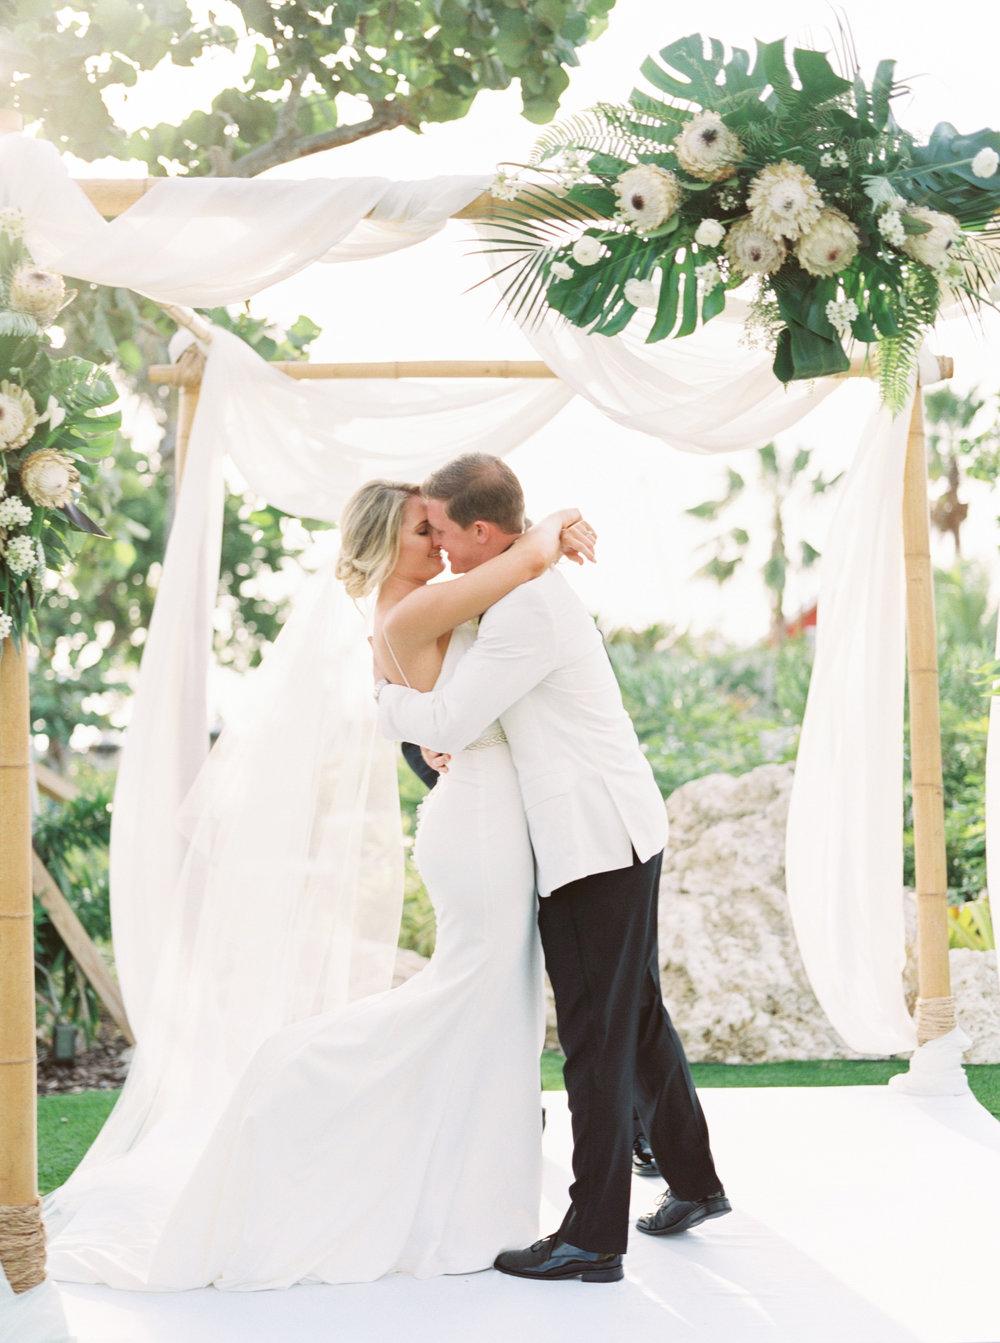 Rachel+Seth Wedding_381.JPG